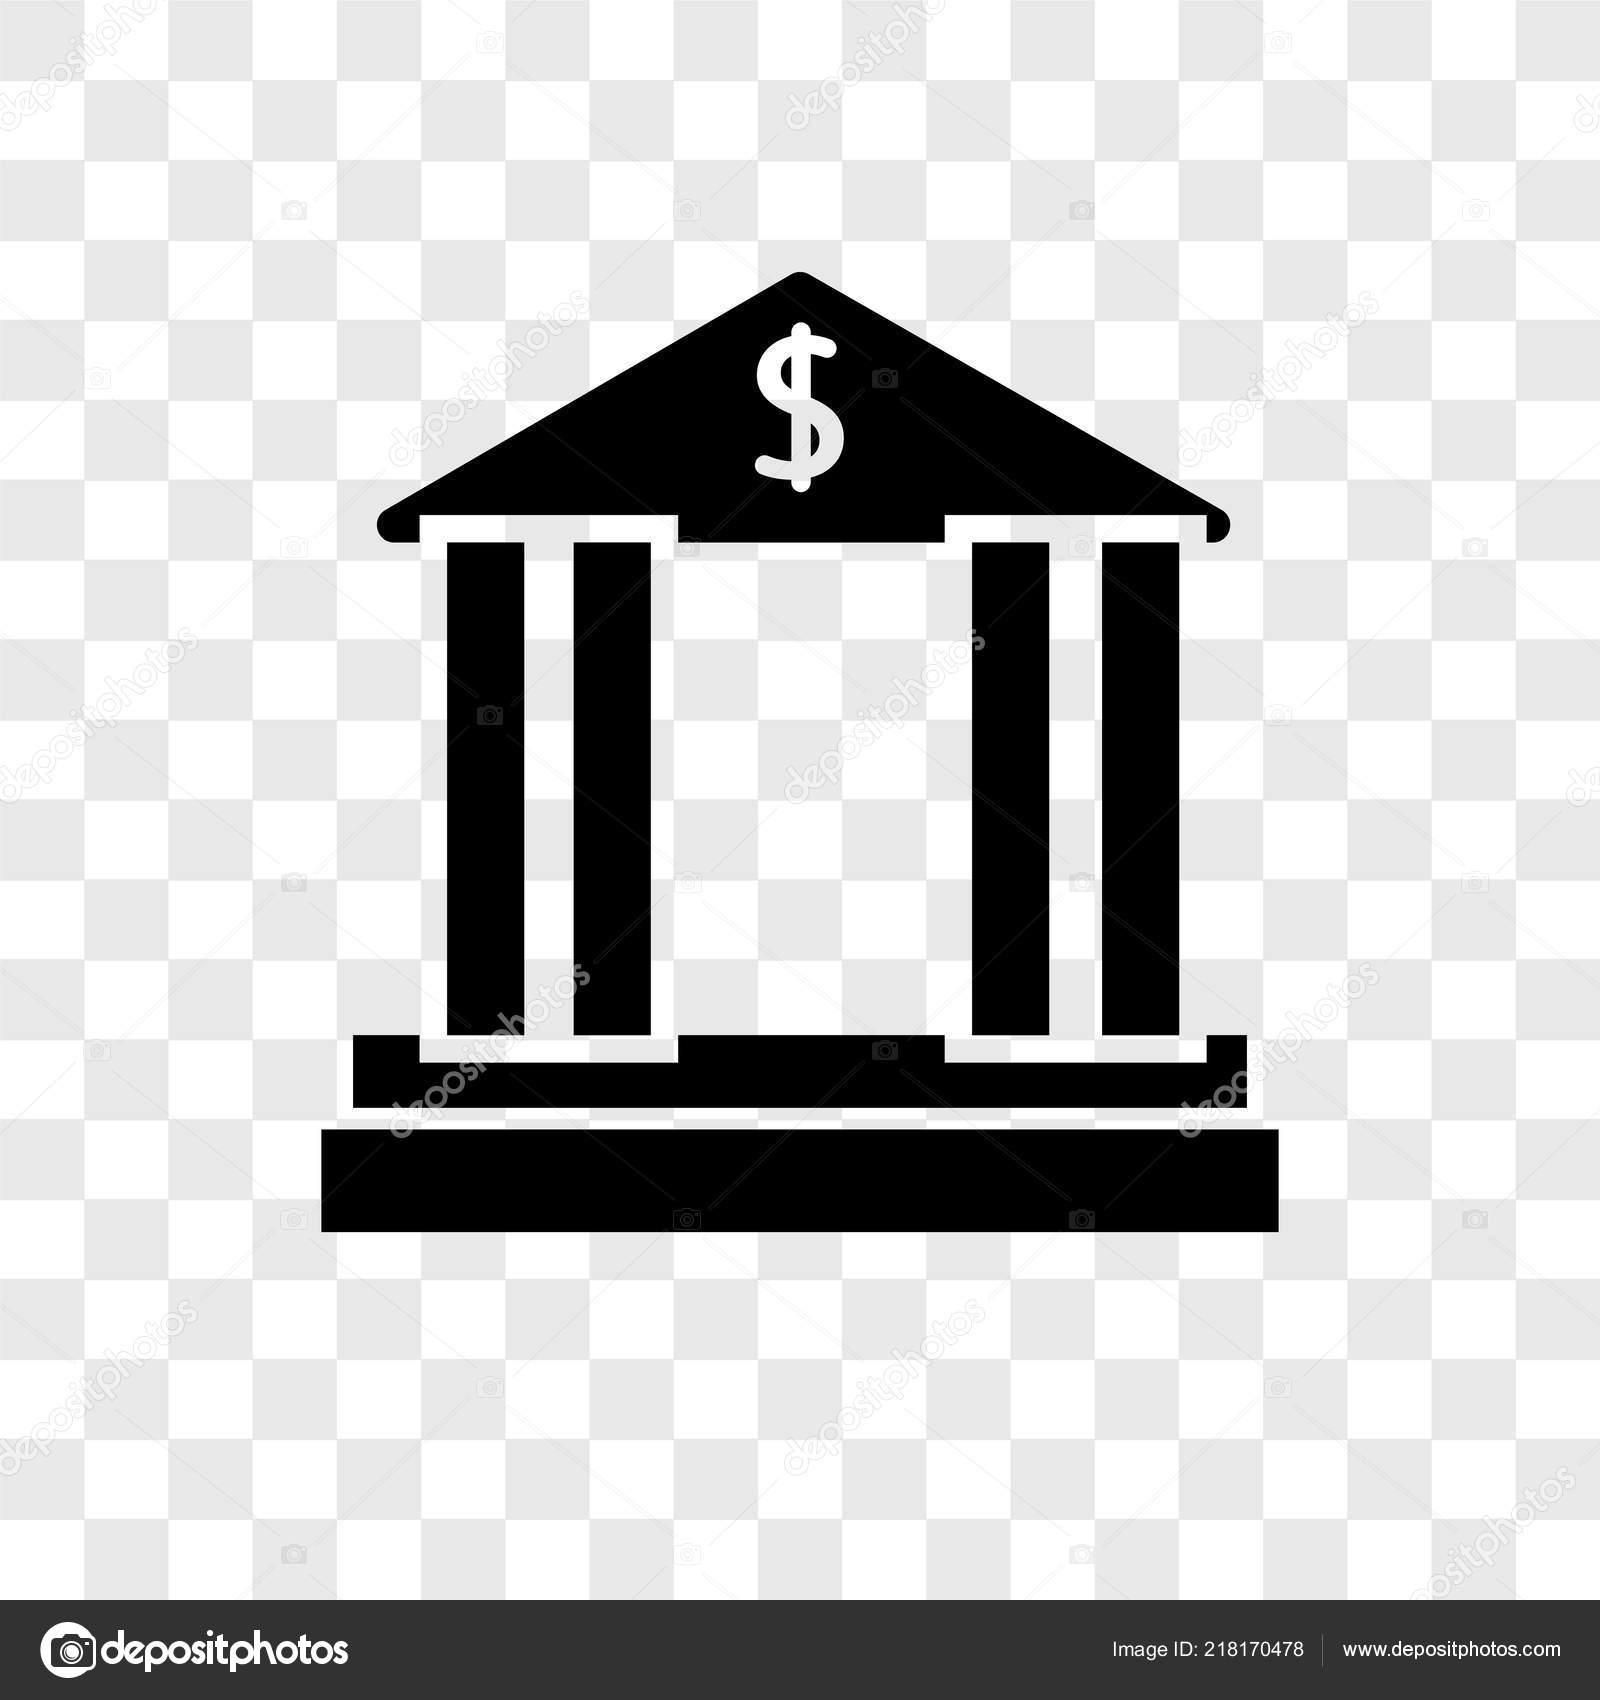 Banque Vectorielle icône vecteur banque isolé sur fond transparent concept logo banque